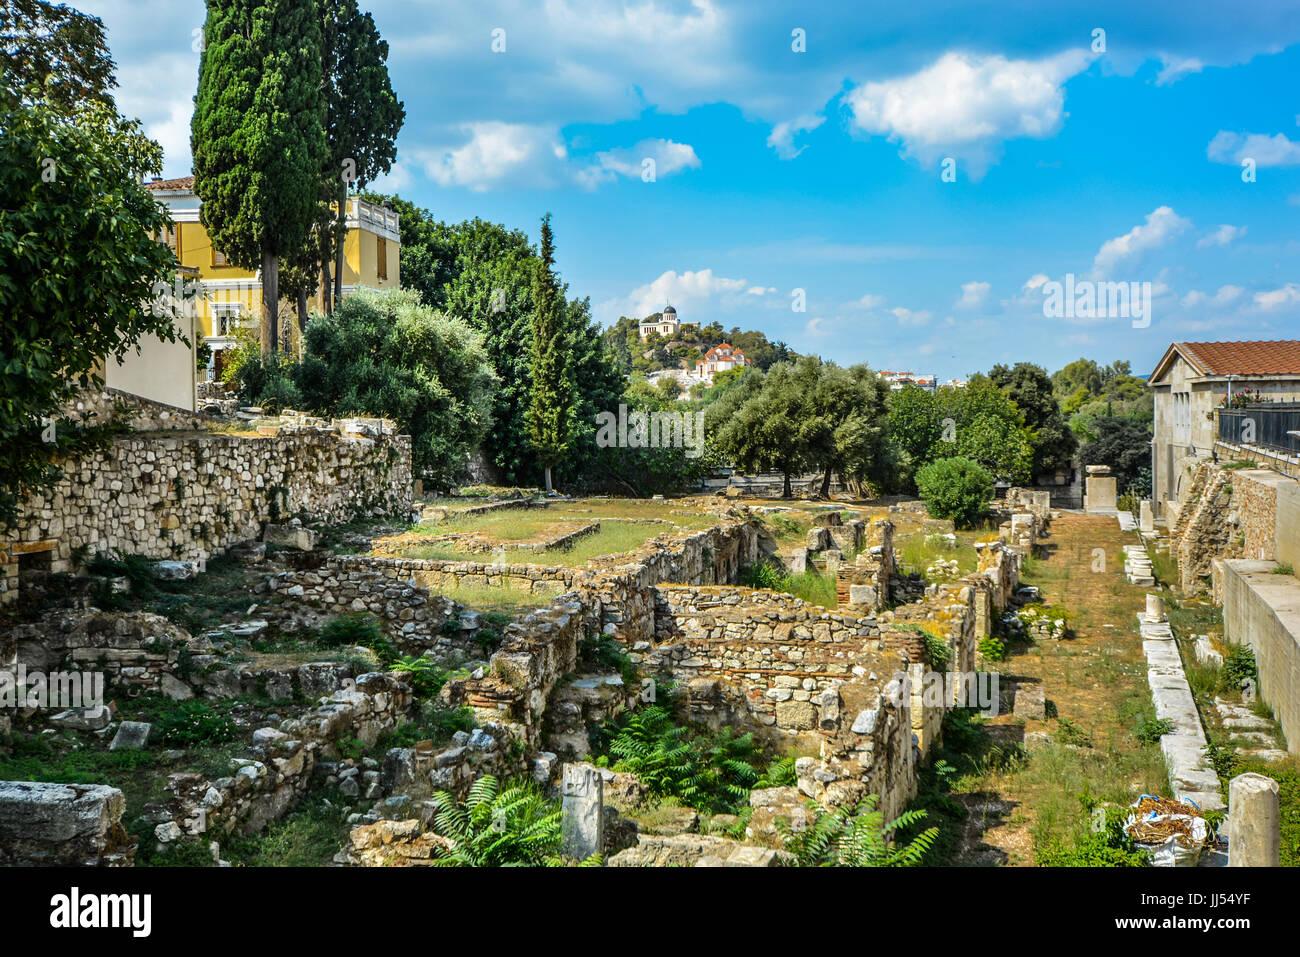 Las antiguas ruinas griegas de Atenas con una iglesia y un templo en la cima de una colina, en la distancia en un Imagen De Stock